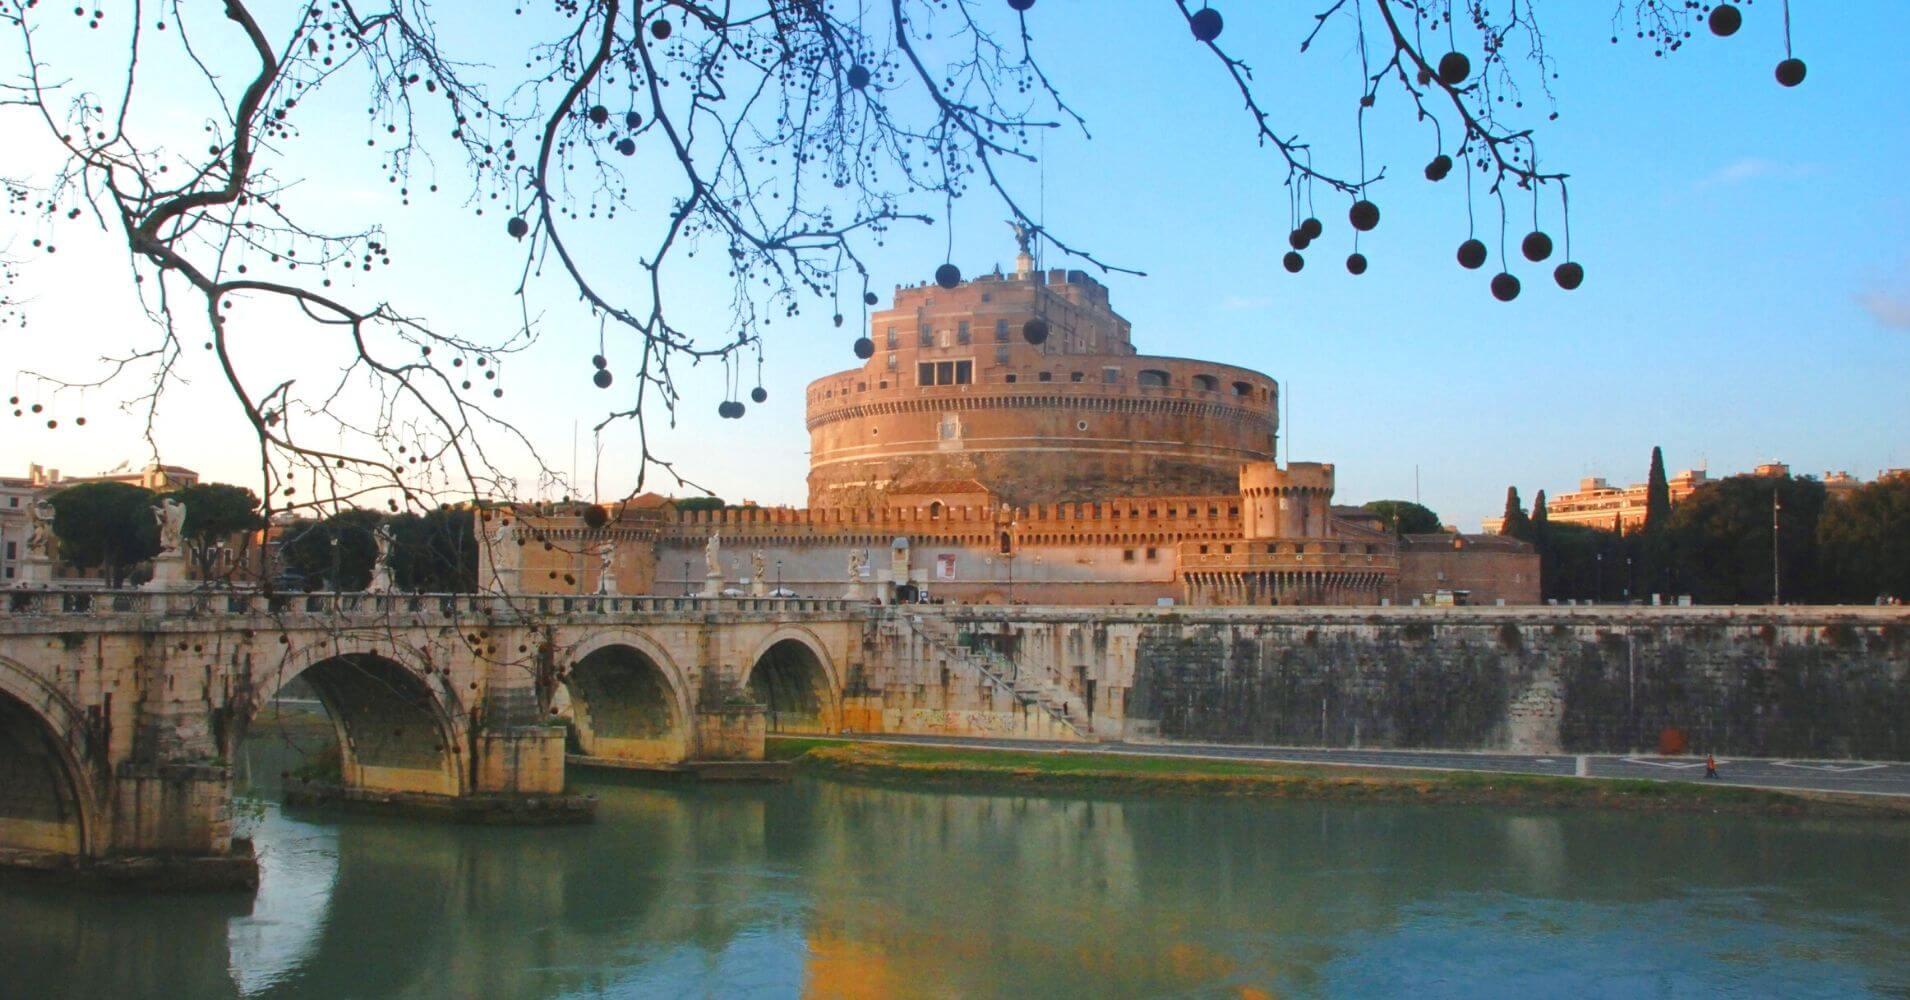 Puente y Castillo Sant Ángelo. Roma, Lacio. Italia.